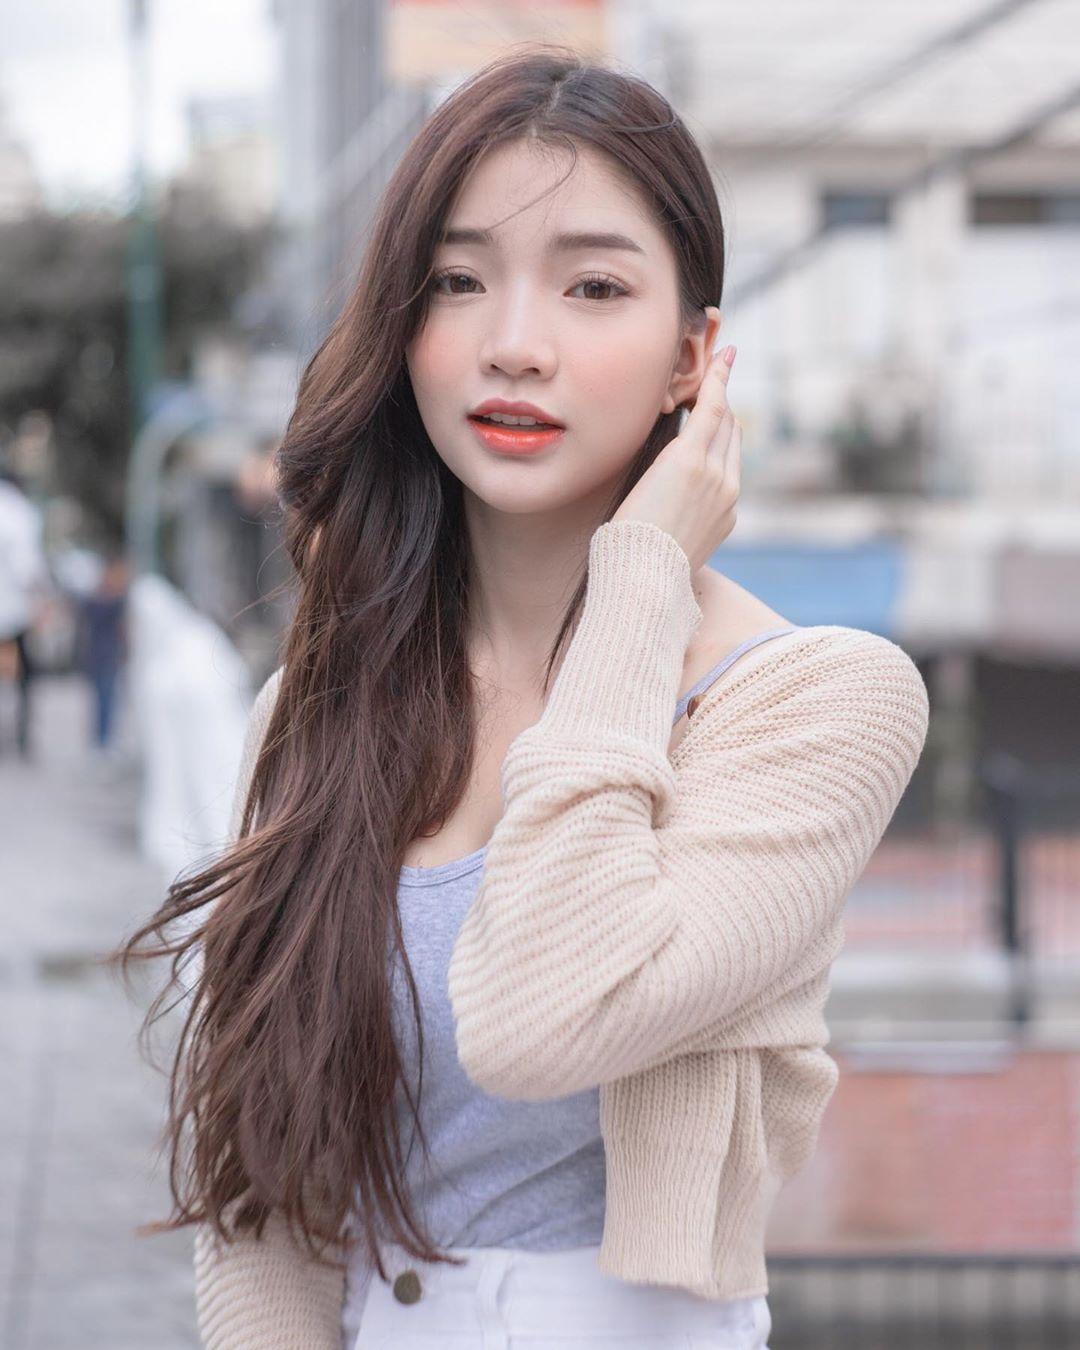 完美身材比例飽滿長輩 天然美顏讓網友躁動 - 亞洲美女 -